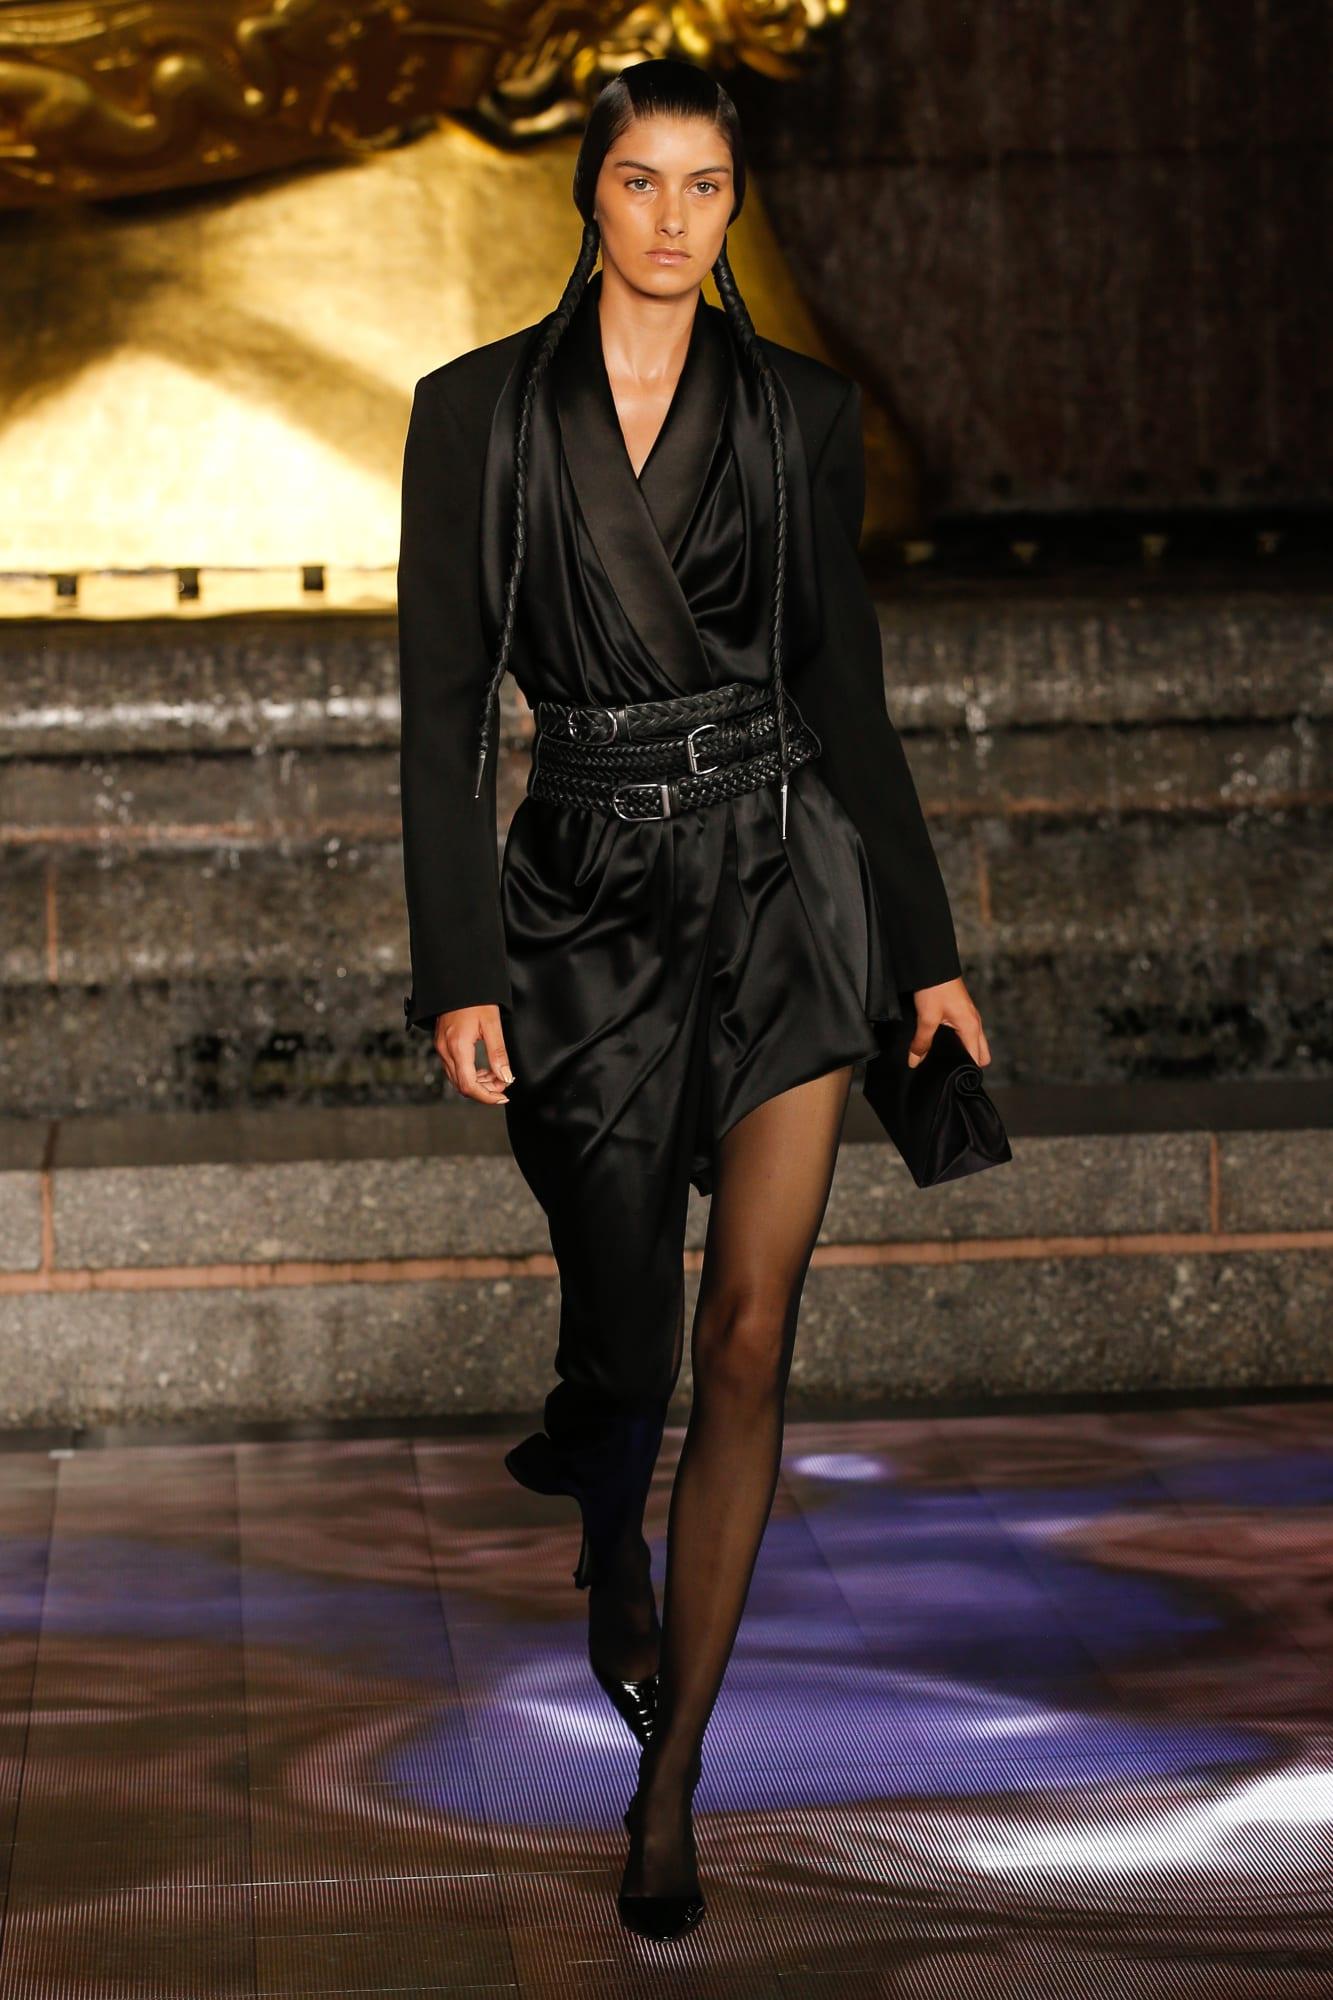 chân váy màu đen và thắt lưng